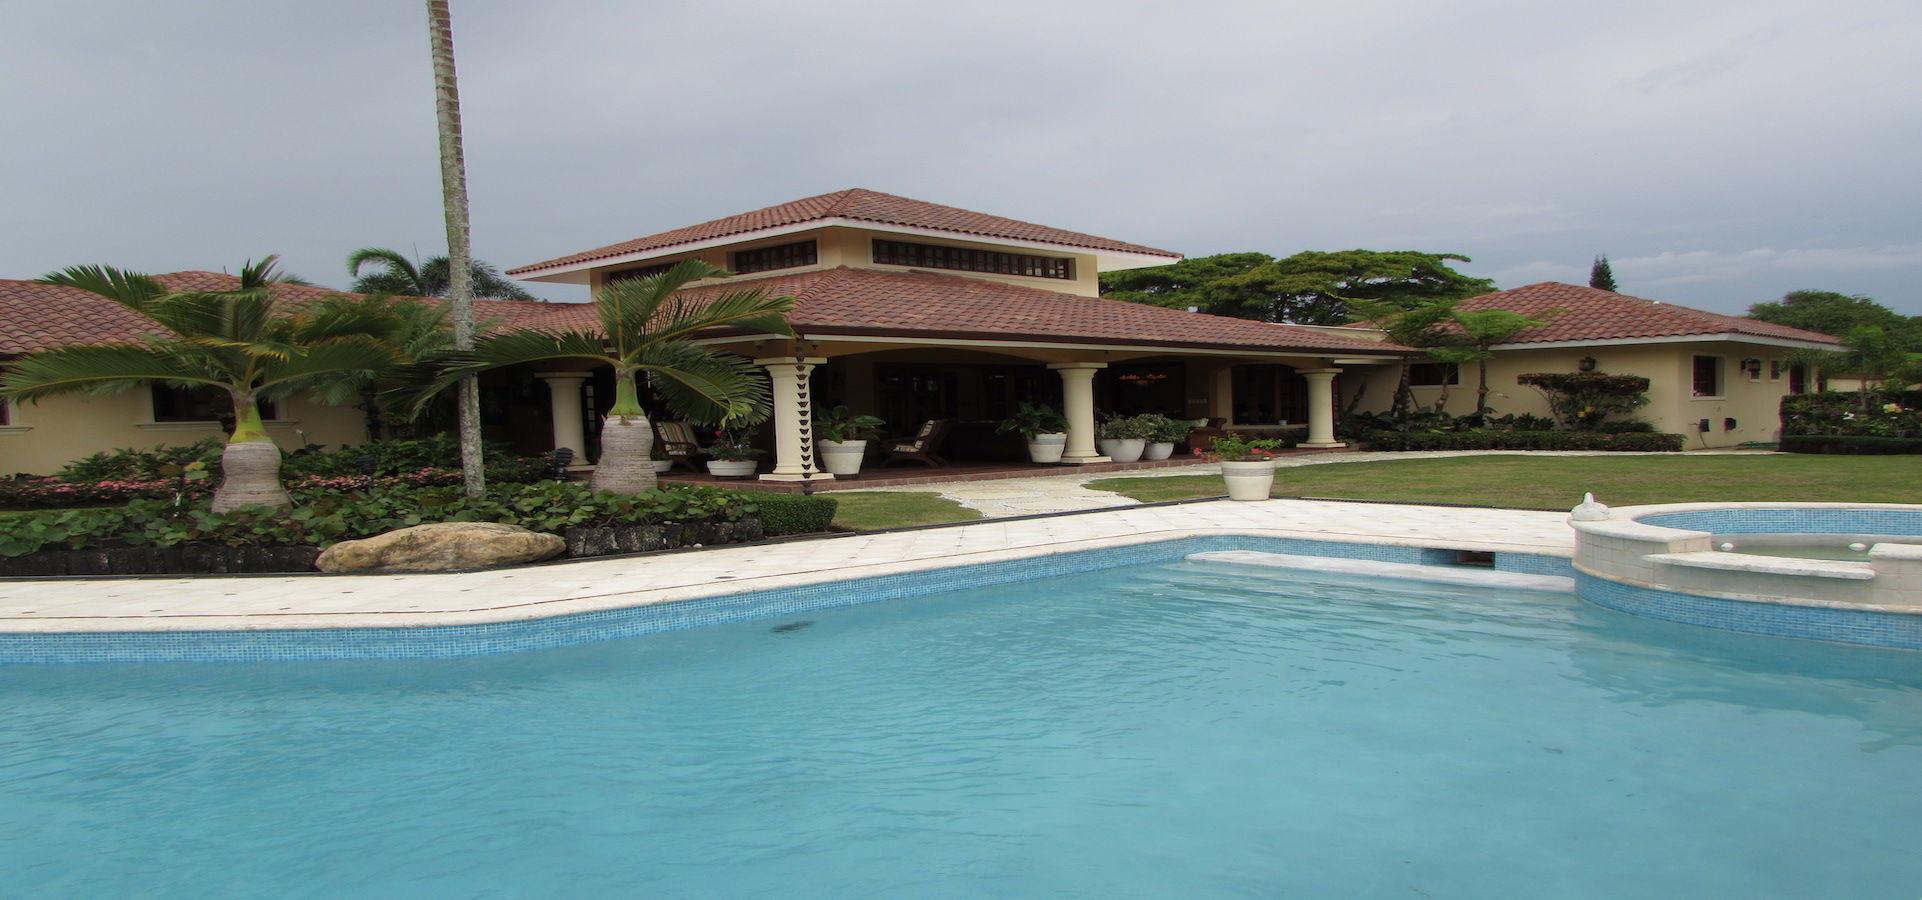 Vendo Casa cpn 1,000 m2 de solar